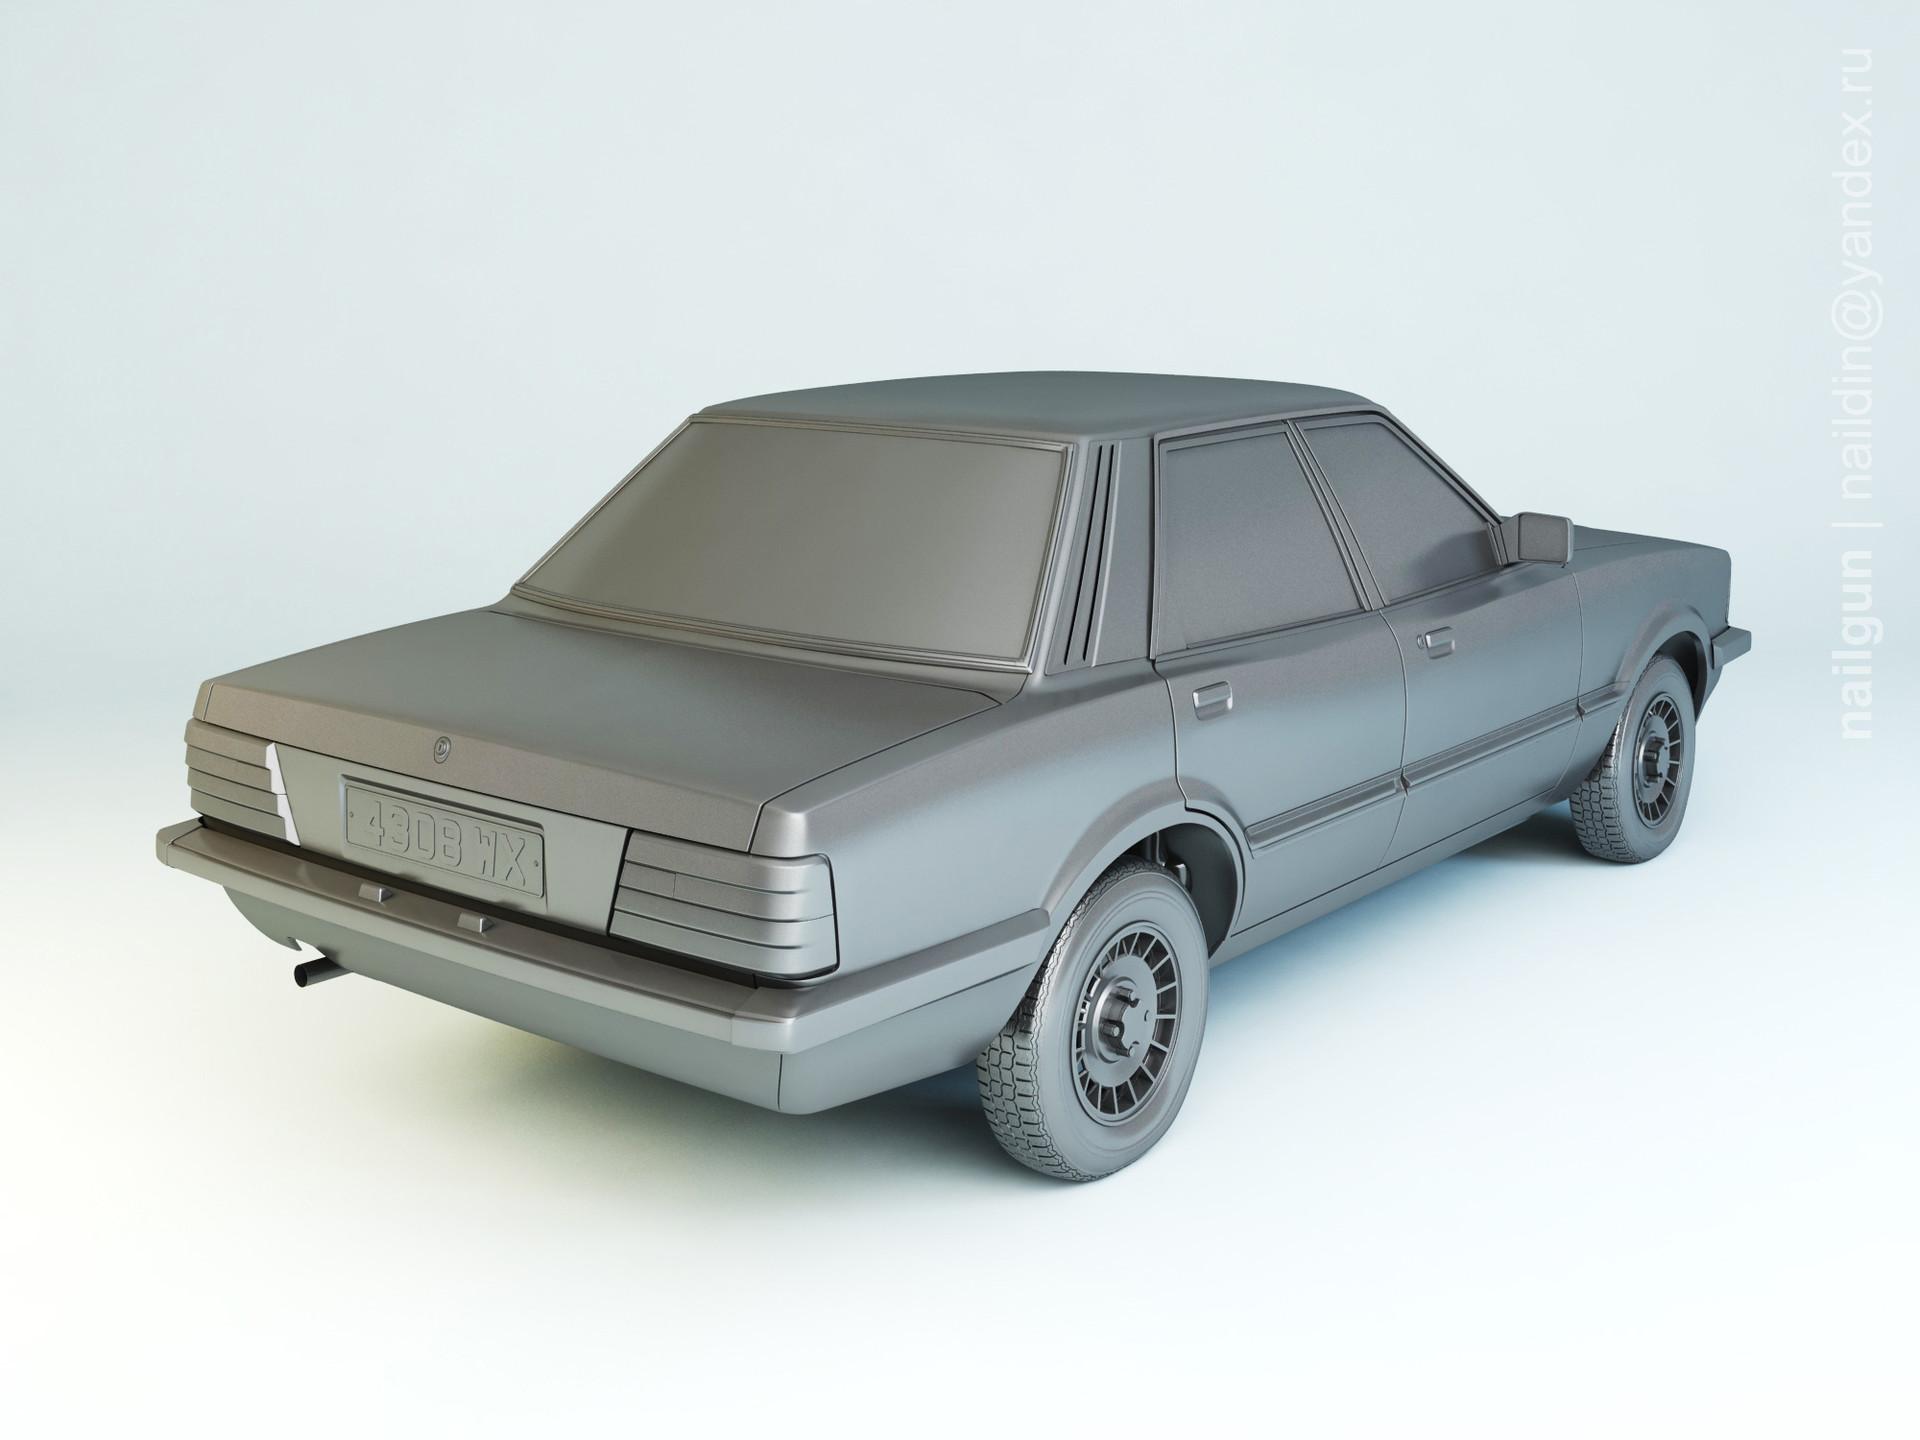 Nail khusnutdinov pwc 031 005 ford taunus tc3 modelling 1